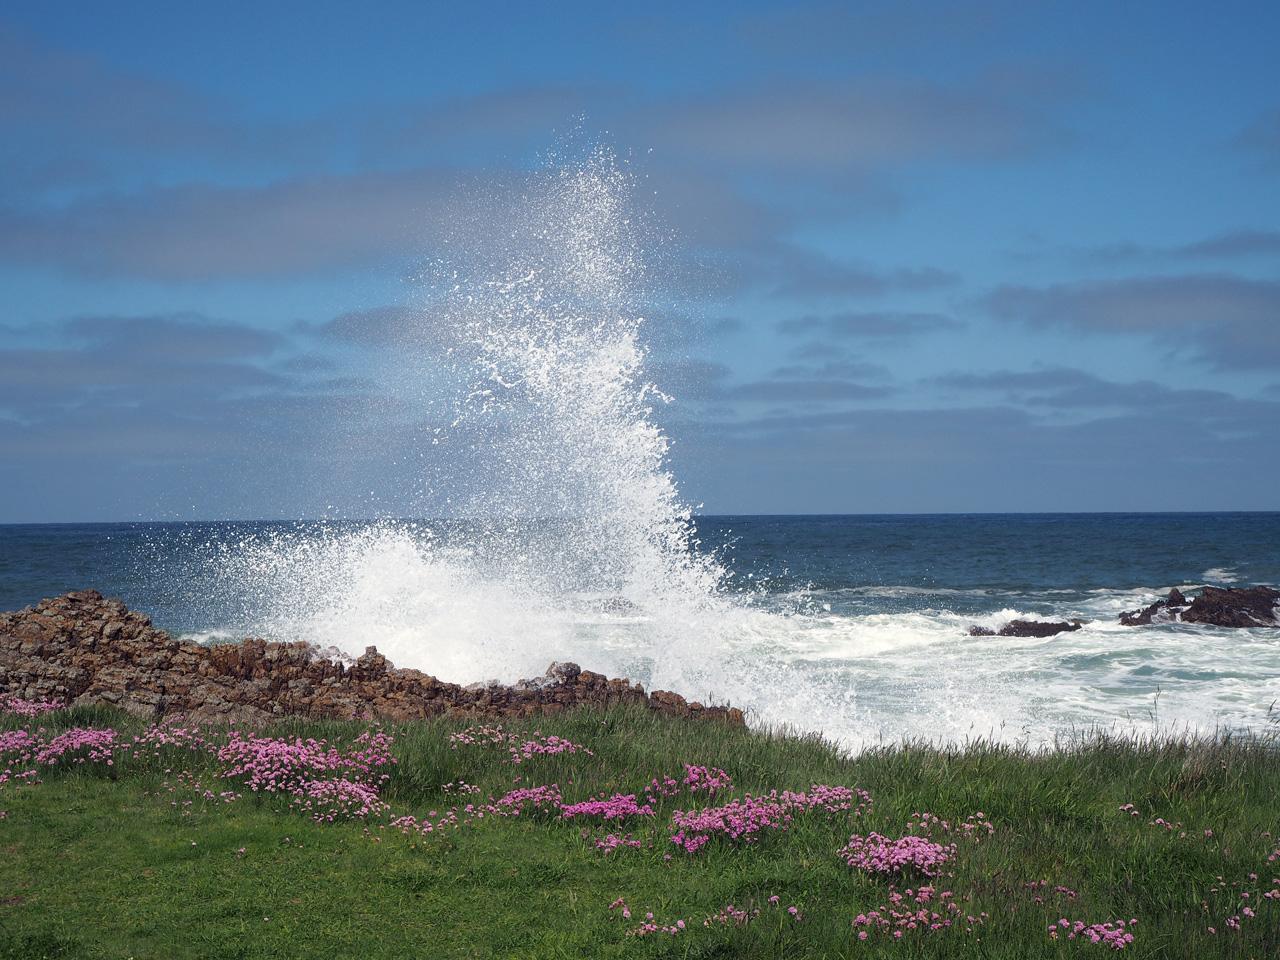 de golven breken op de kust